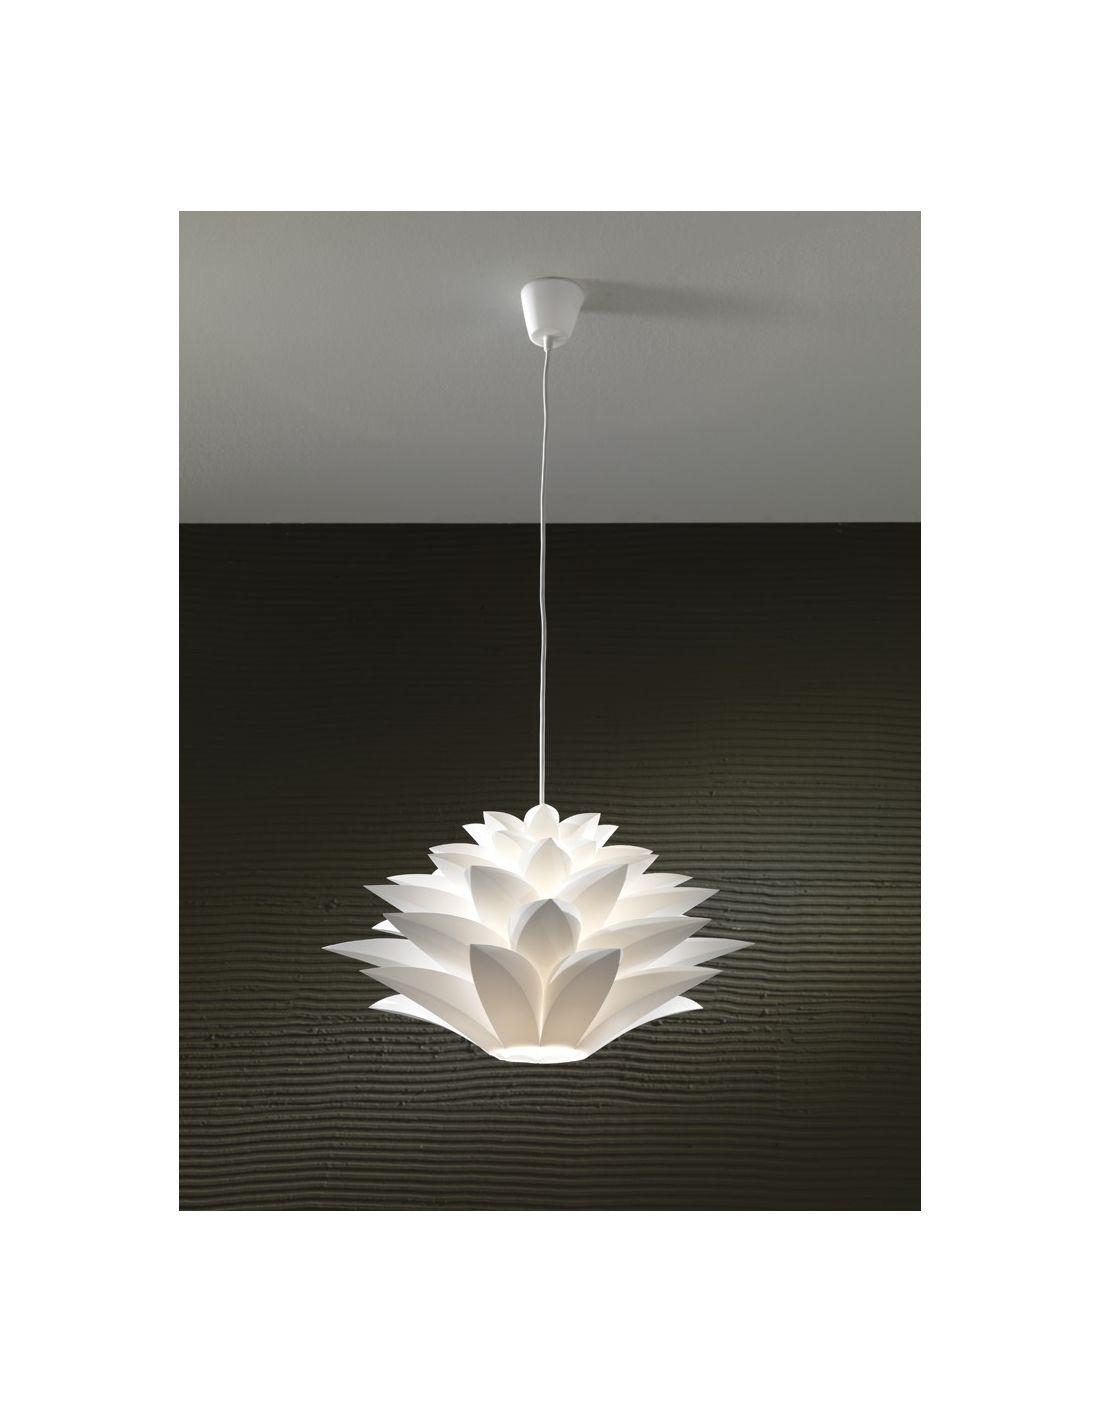 Lampadario yumiko a sospensione a forma di fiore - Lampadario sospensione moderni design ...